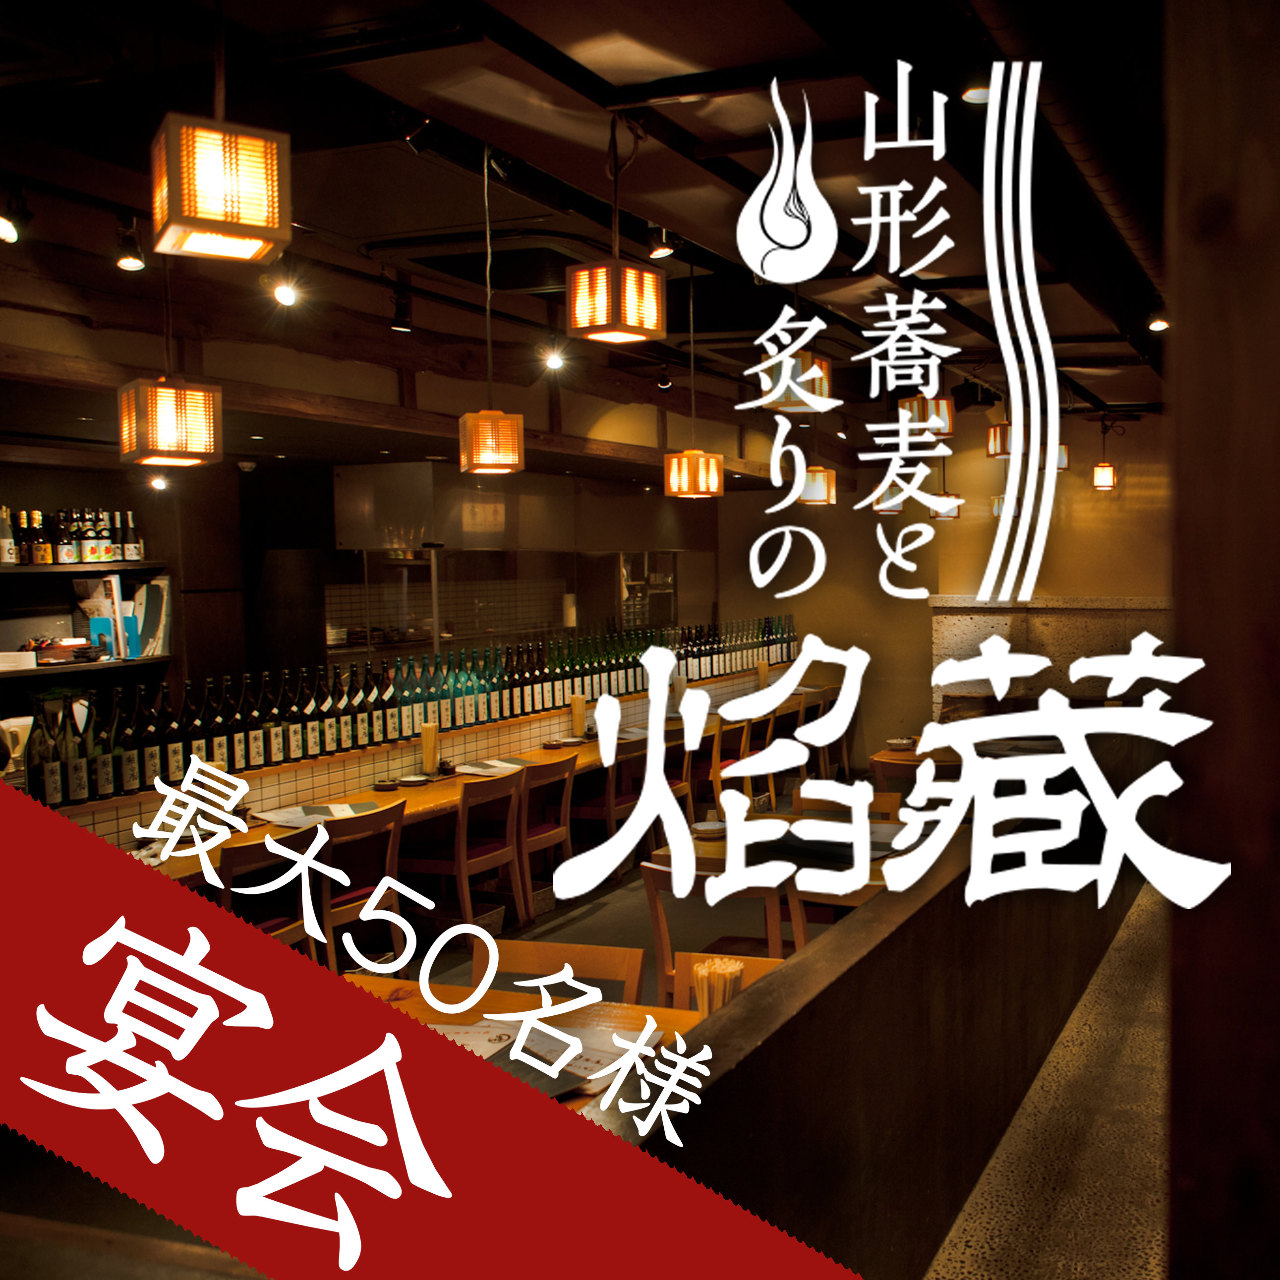 山形蕎麦と炙りの焔藏 一番町店